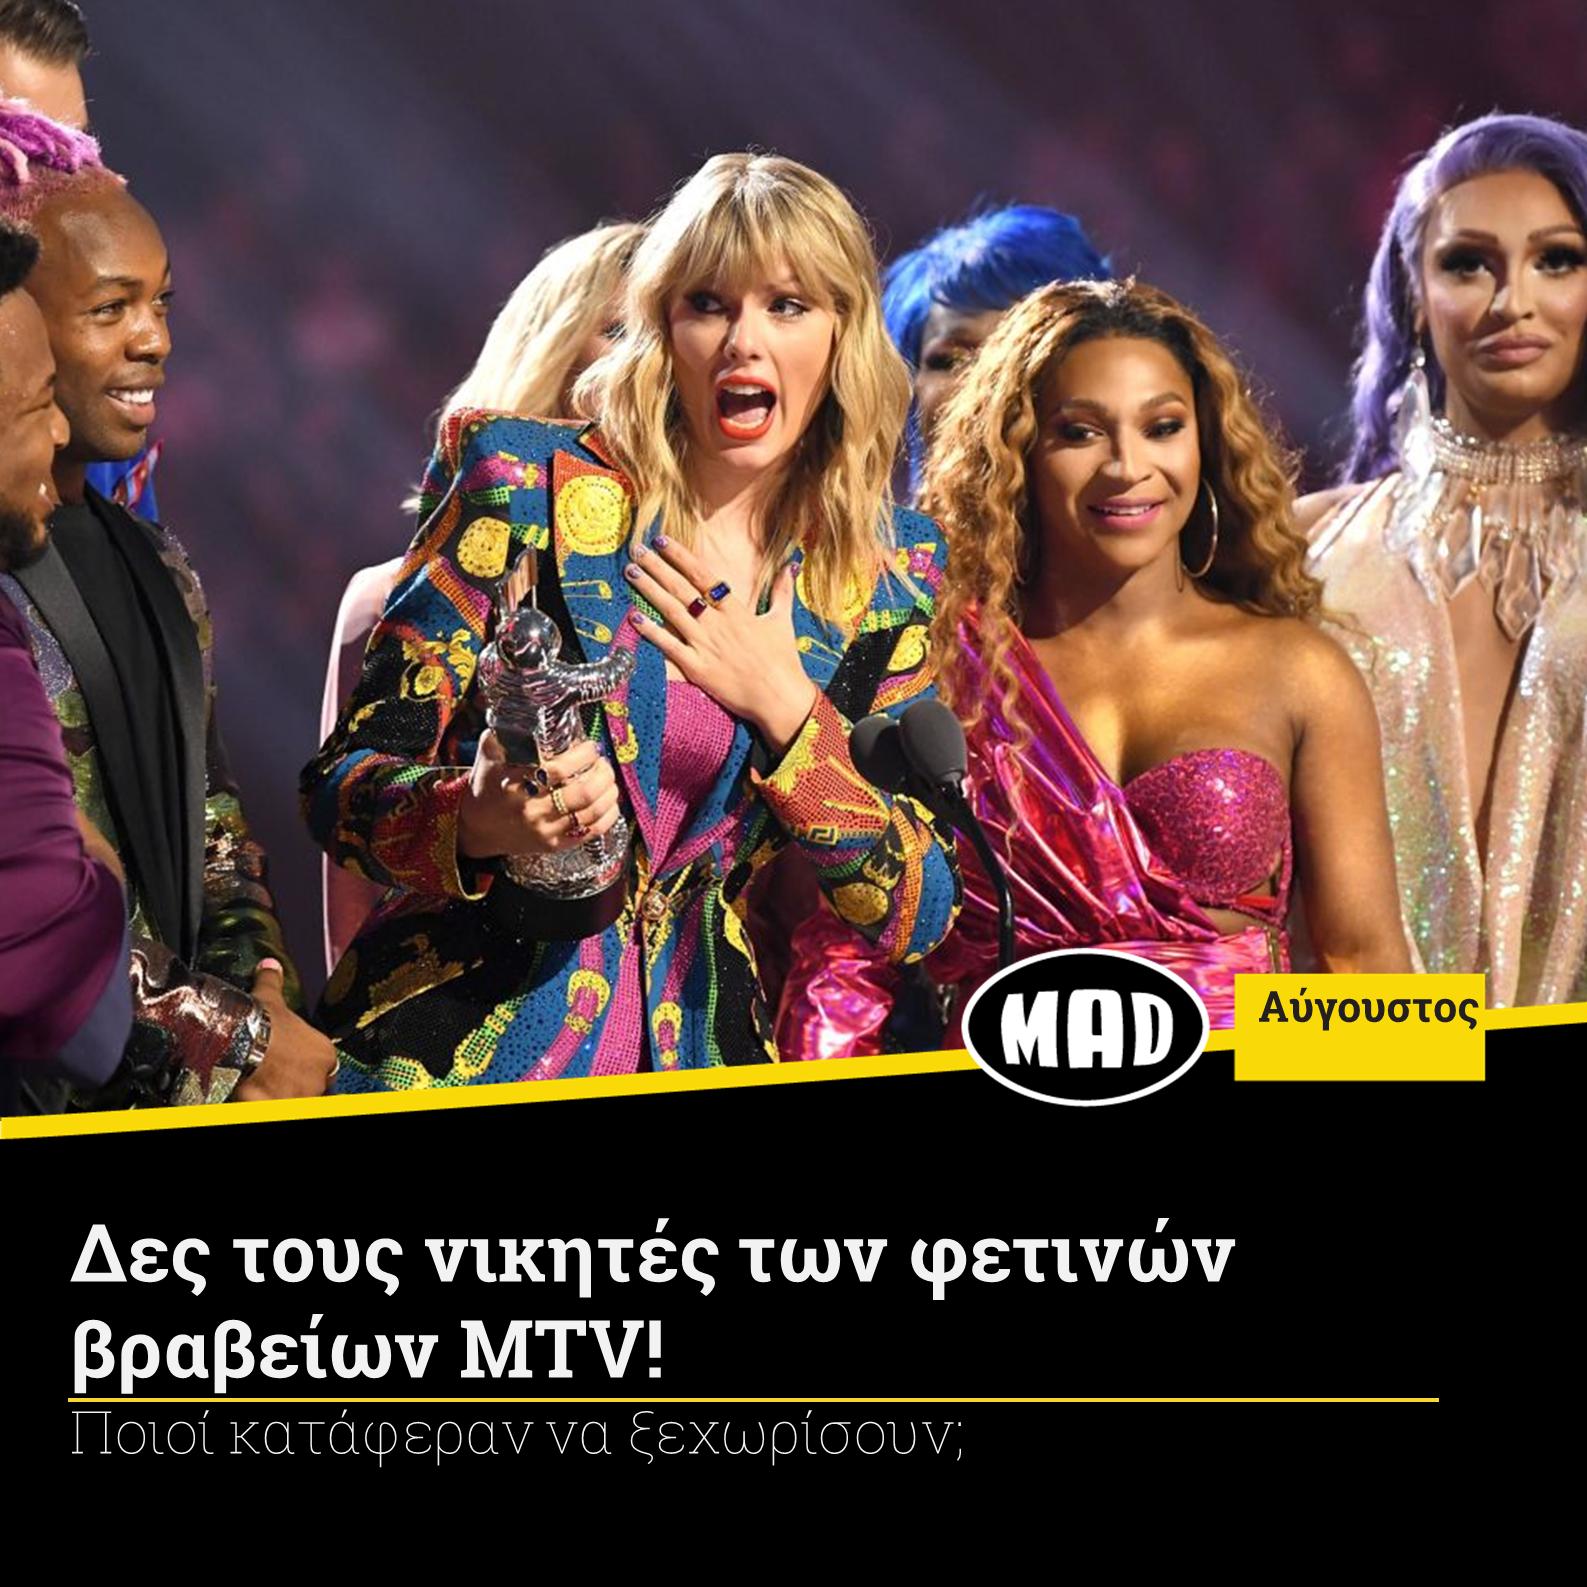 νικητές των φετινών βραβείων ΜTV